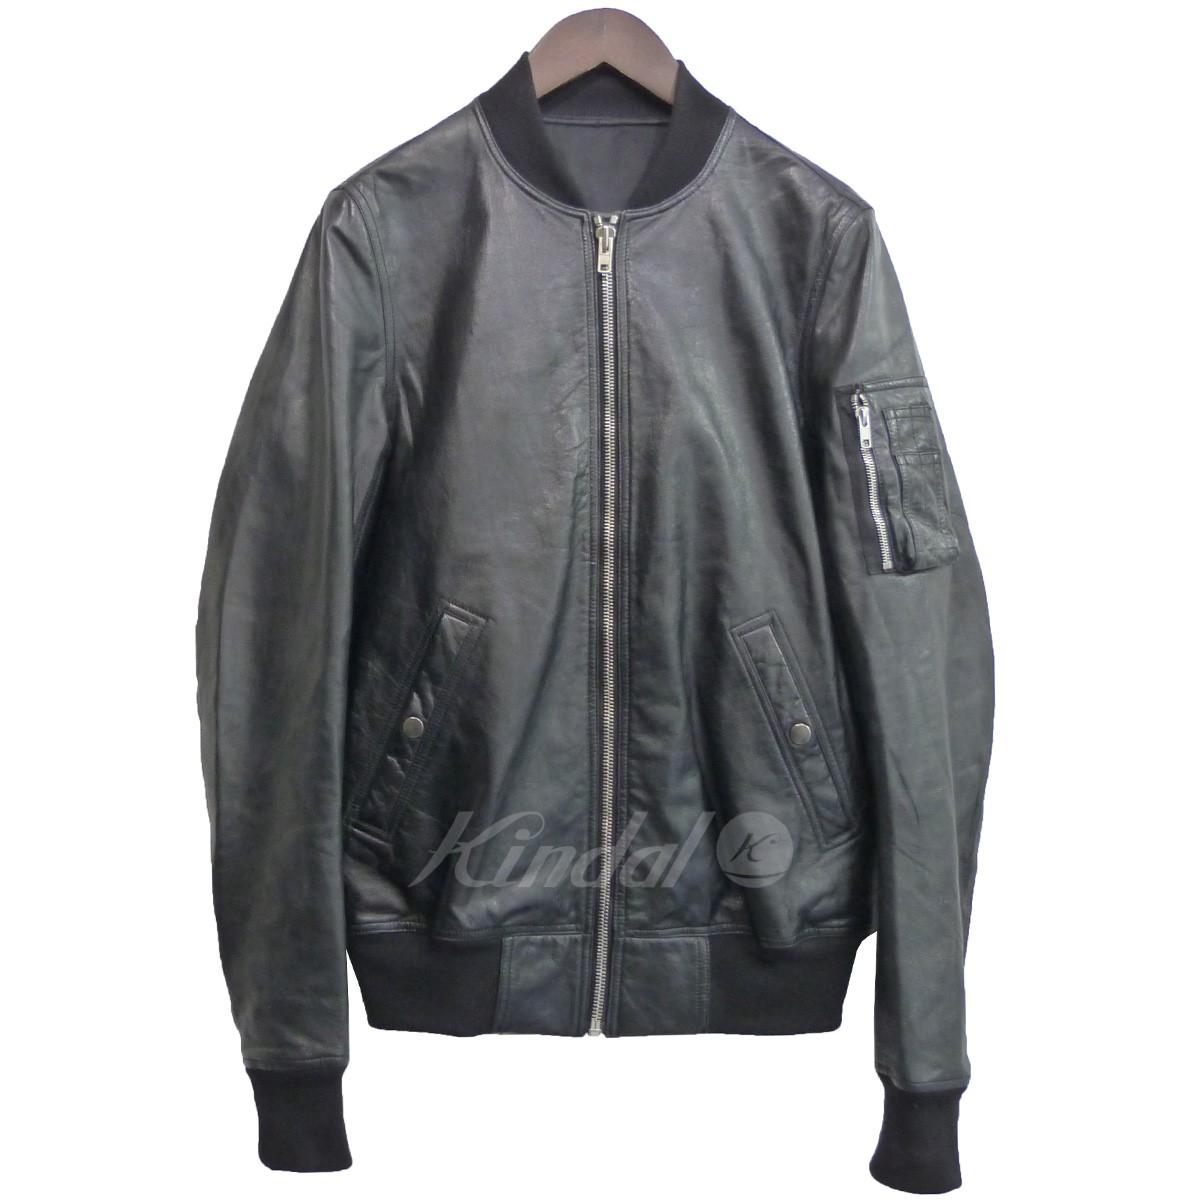 【中古】Rick Owens 14AW 「Fight Leather Bomber」オールレザーボンバージャケット 【送料無料】 【051637】 【銅】